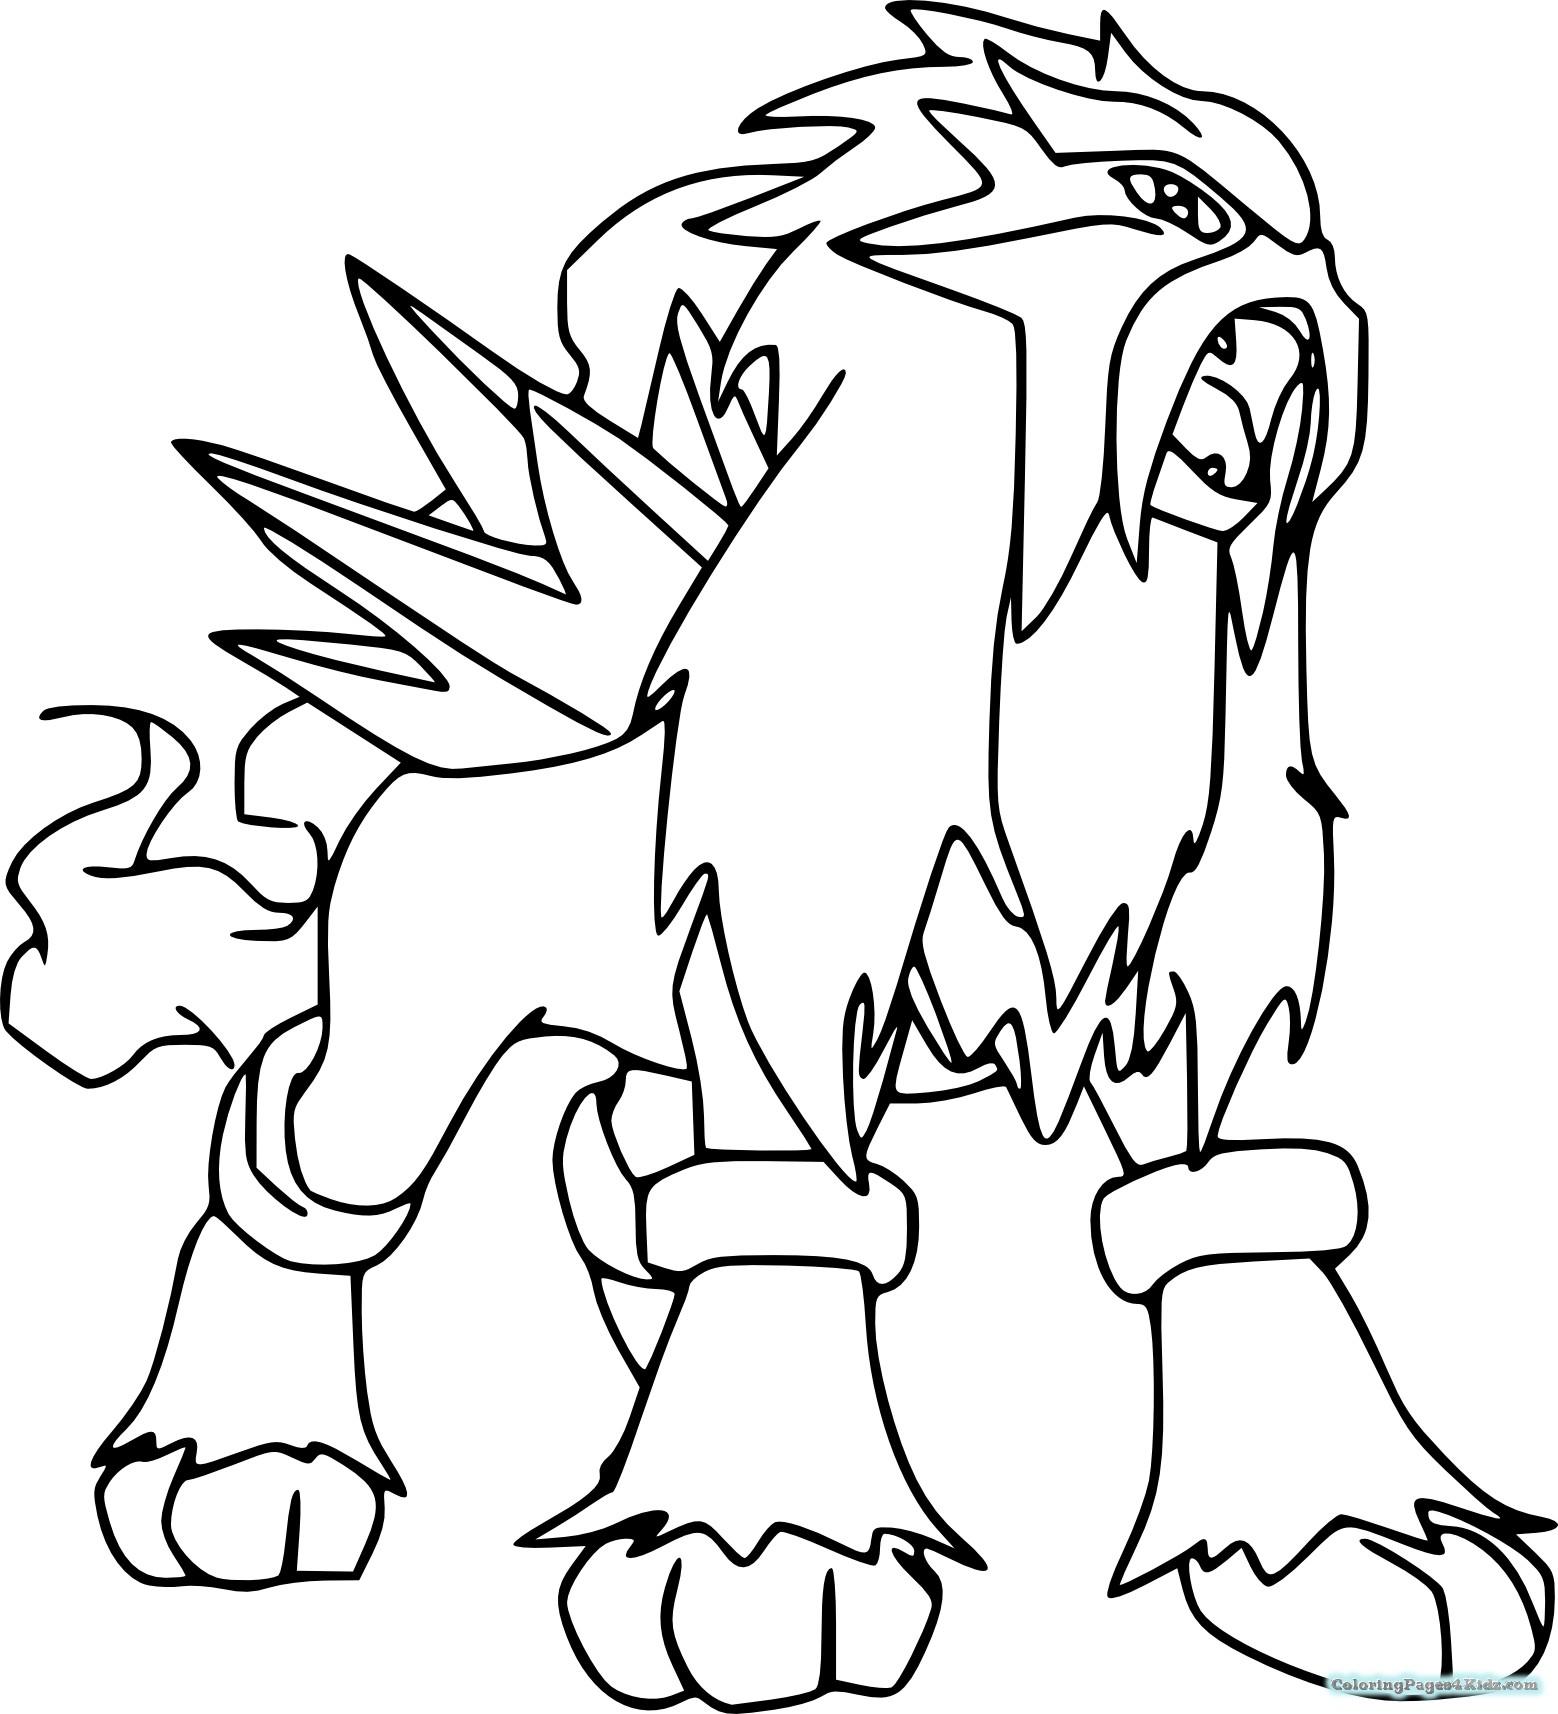 coloriage pokemon mega solgaleo de la catégorie coloriage pokemon